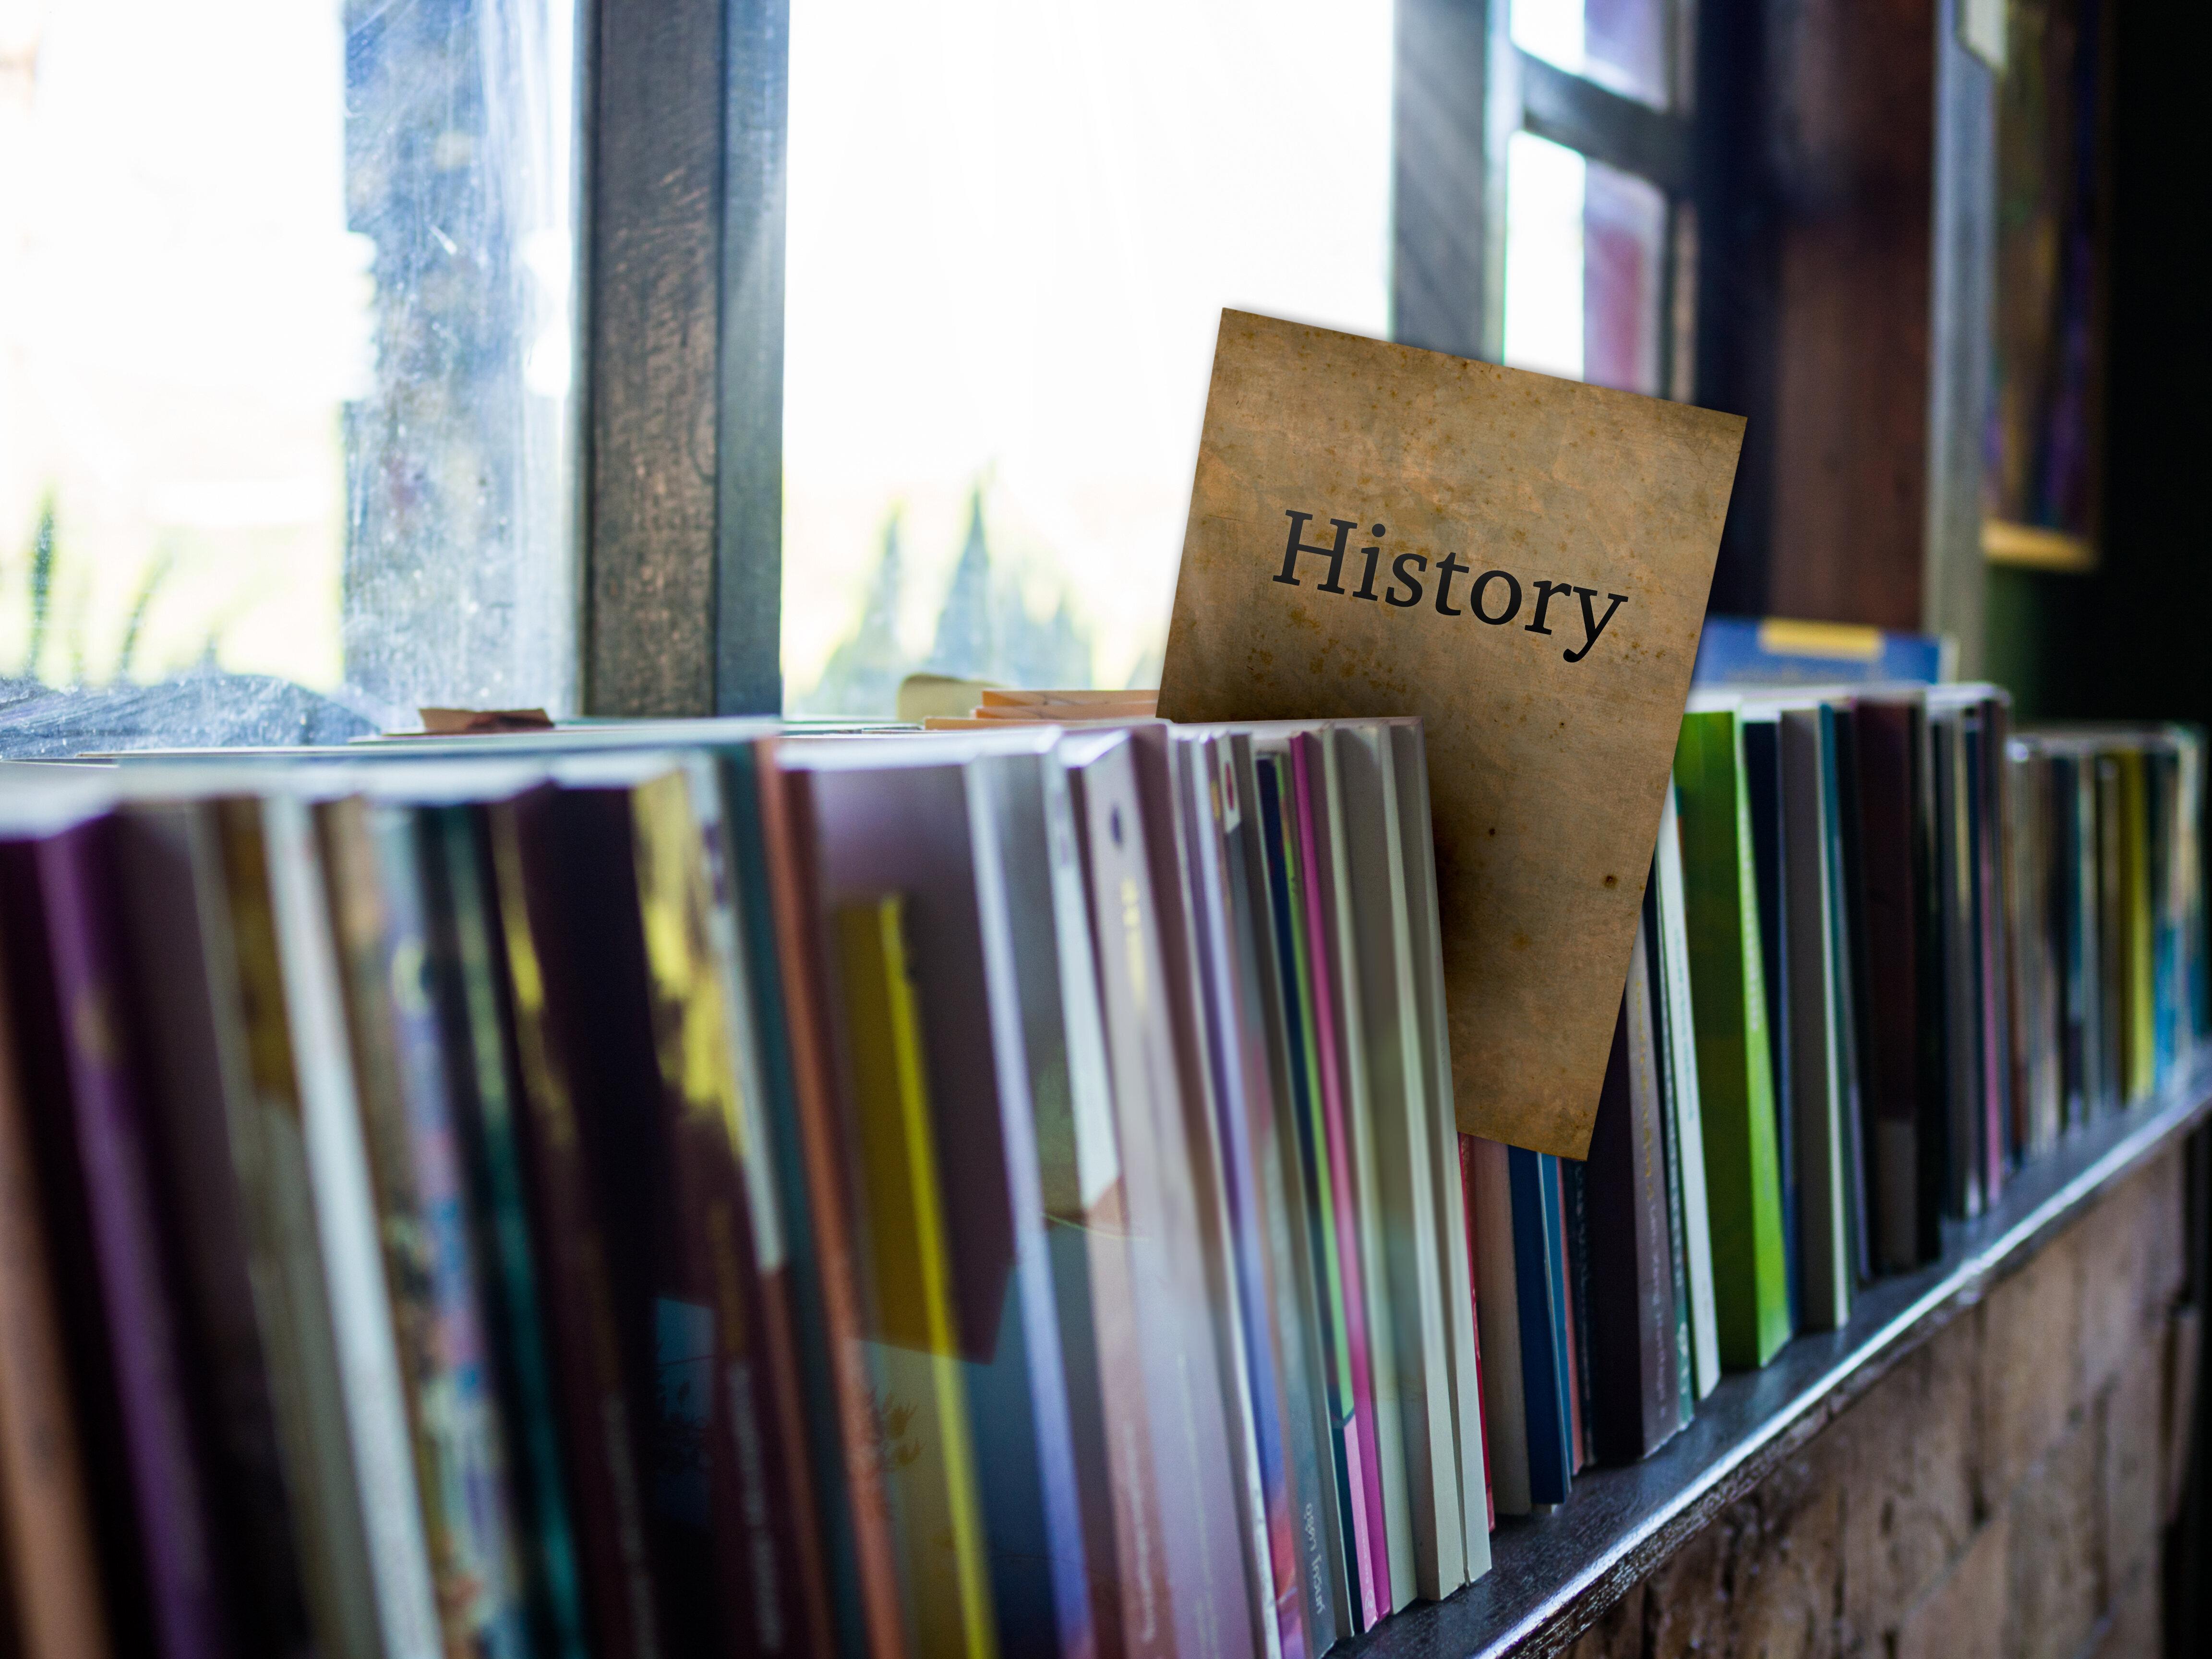 Studiare meglio storia e filosofia per rialzare la